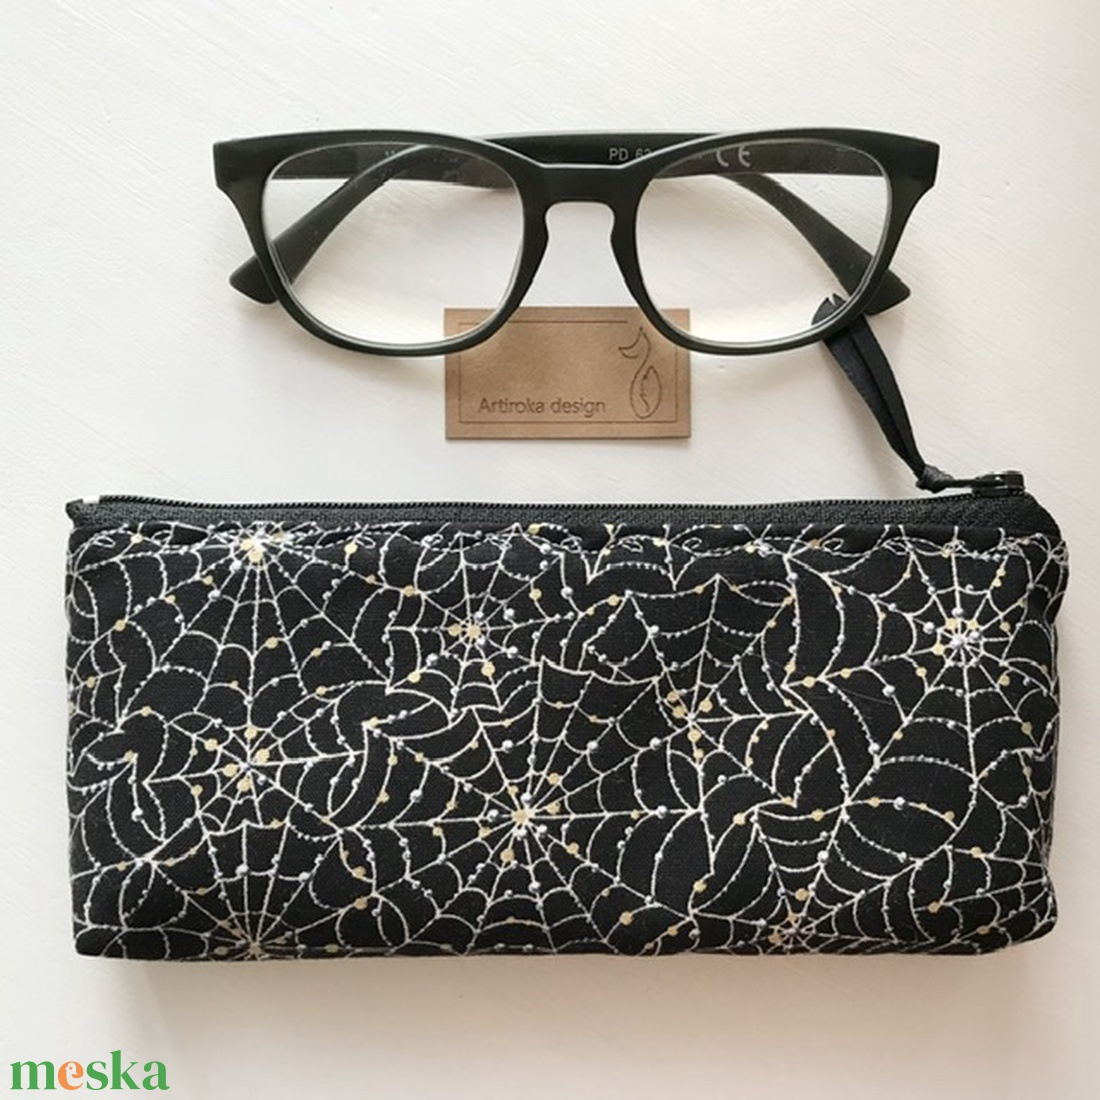 Éjszakai pókháló, aranyló esőcseppekkel - prémium tolltartó, neszesszer, mobiltok vagy szemüvegtok - Artiroka design - táska & tok - neszesszer - Meska.hu